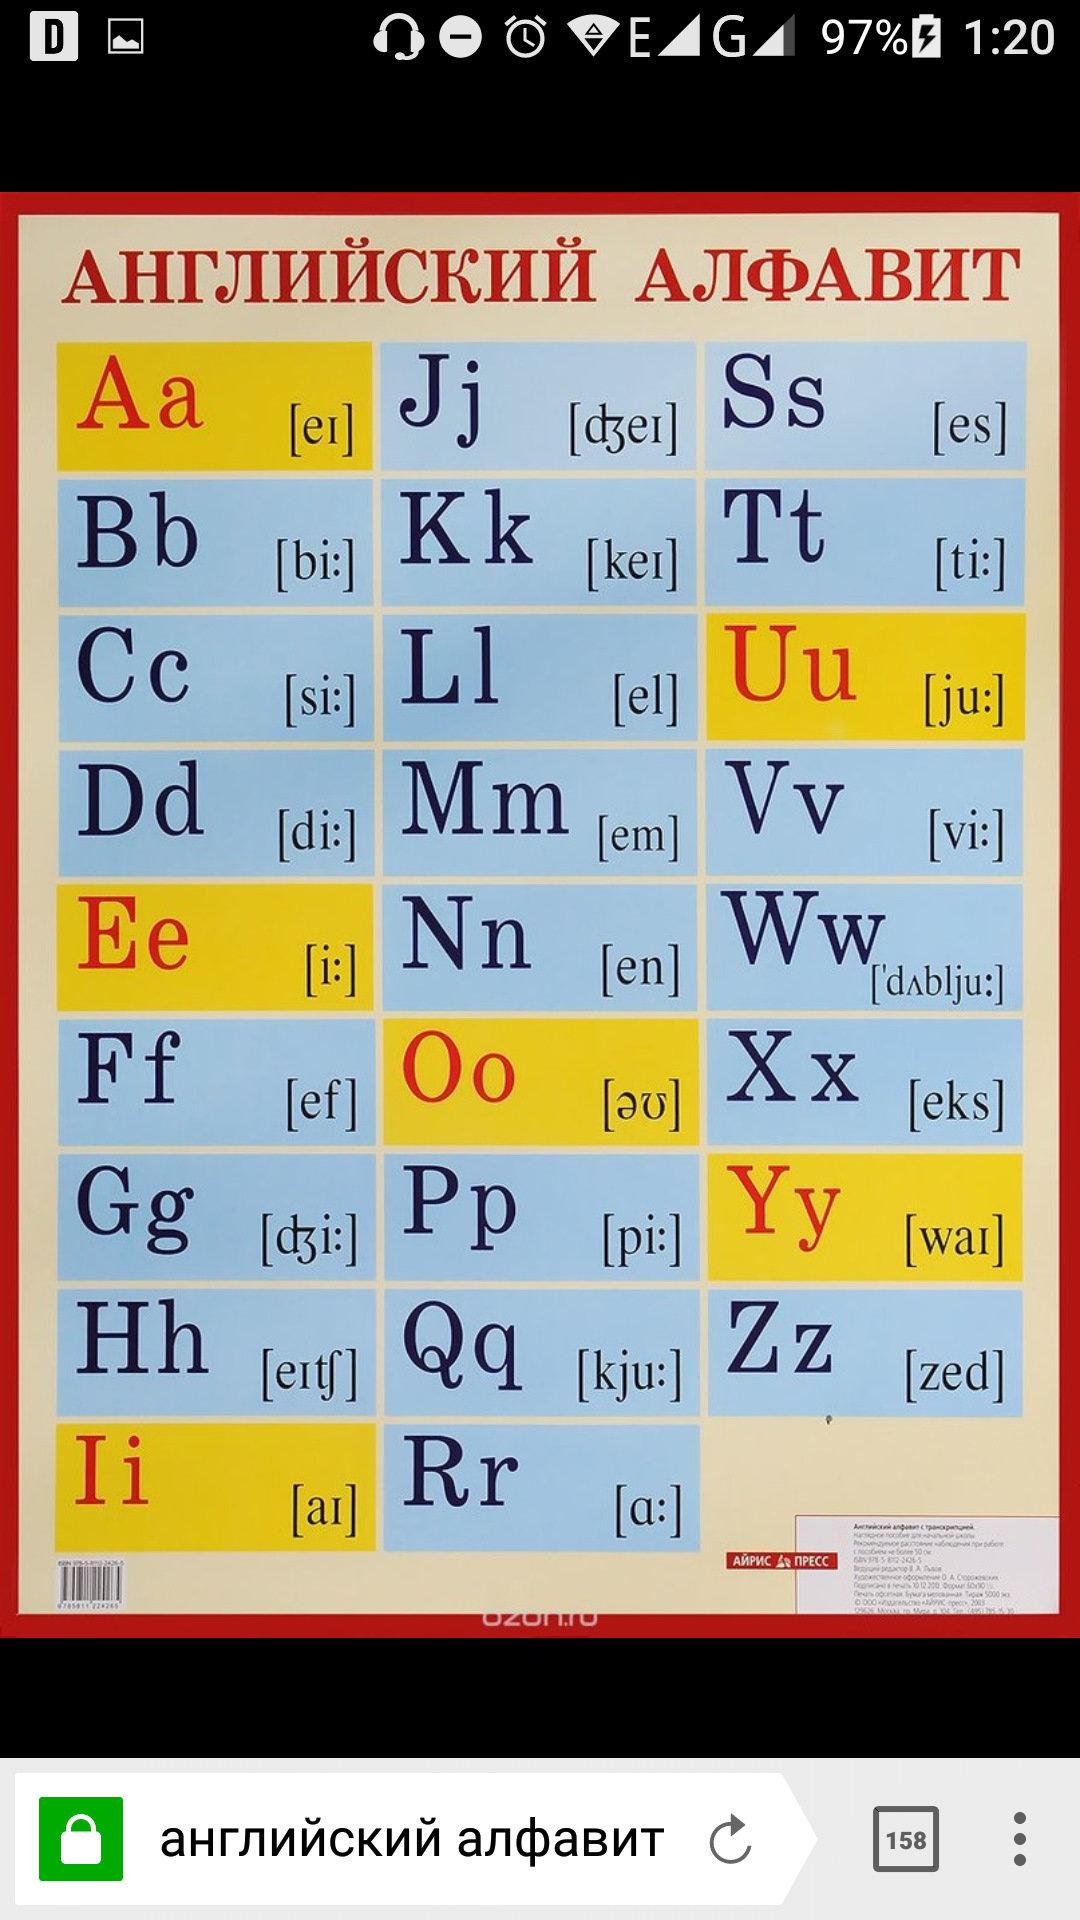 английский алфавит фото по порядку качестве картинки